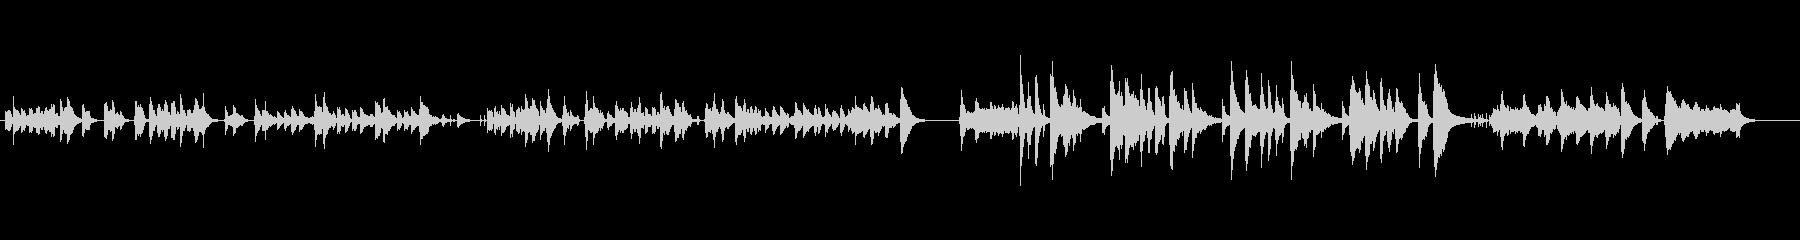 レトロフューチャー感のあるボサノバ楽曲の未再生の波形